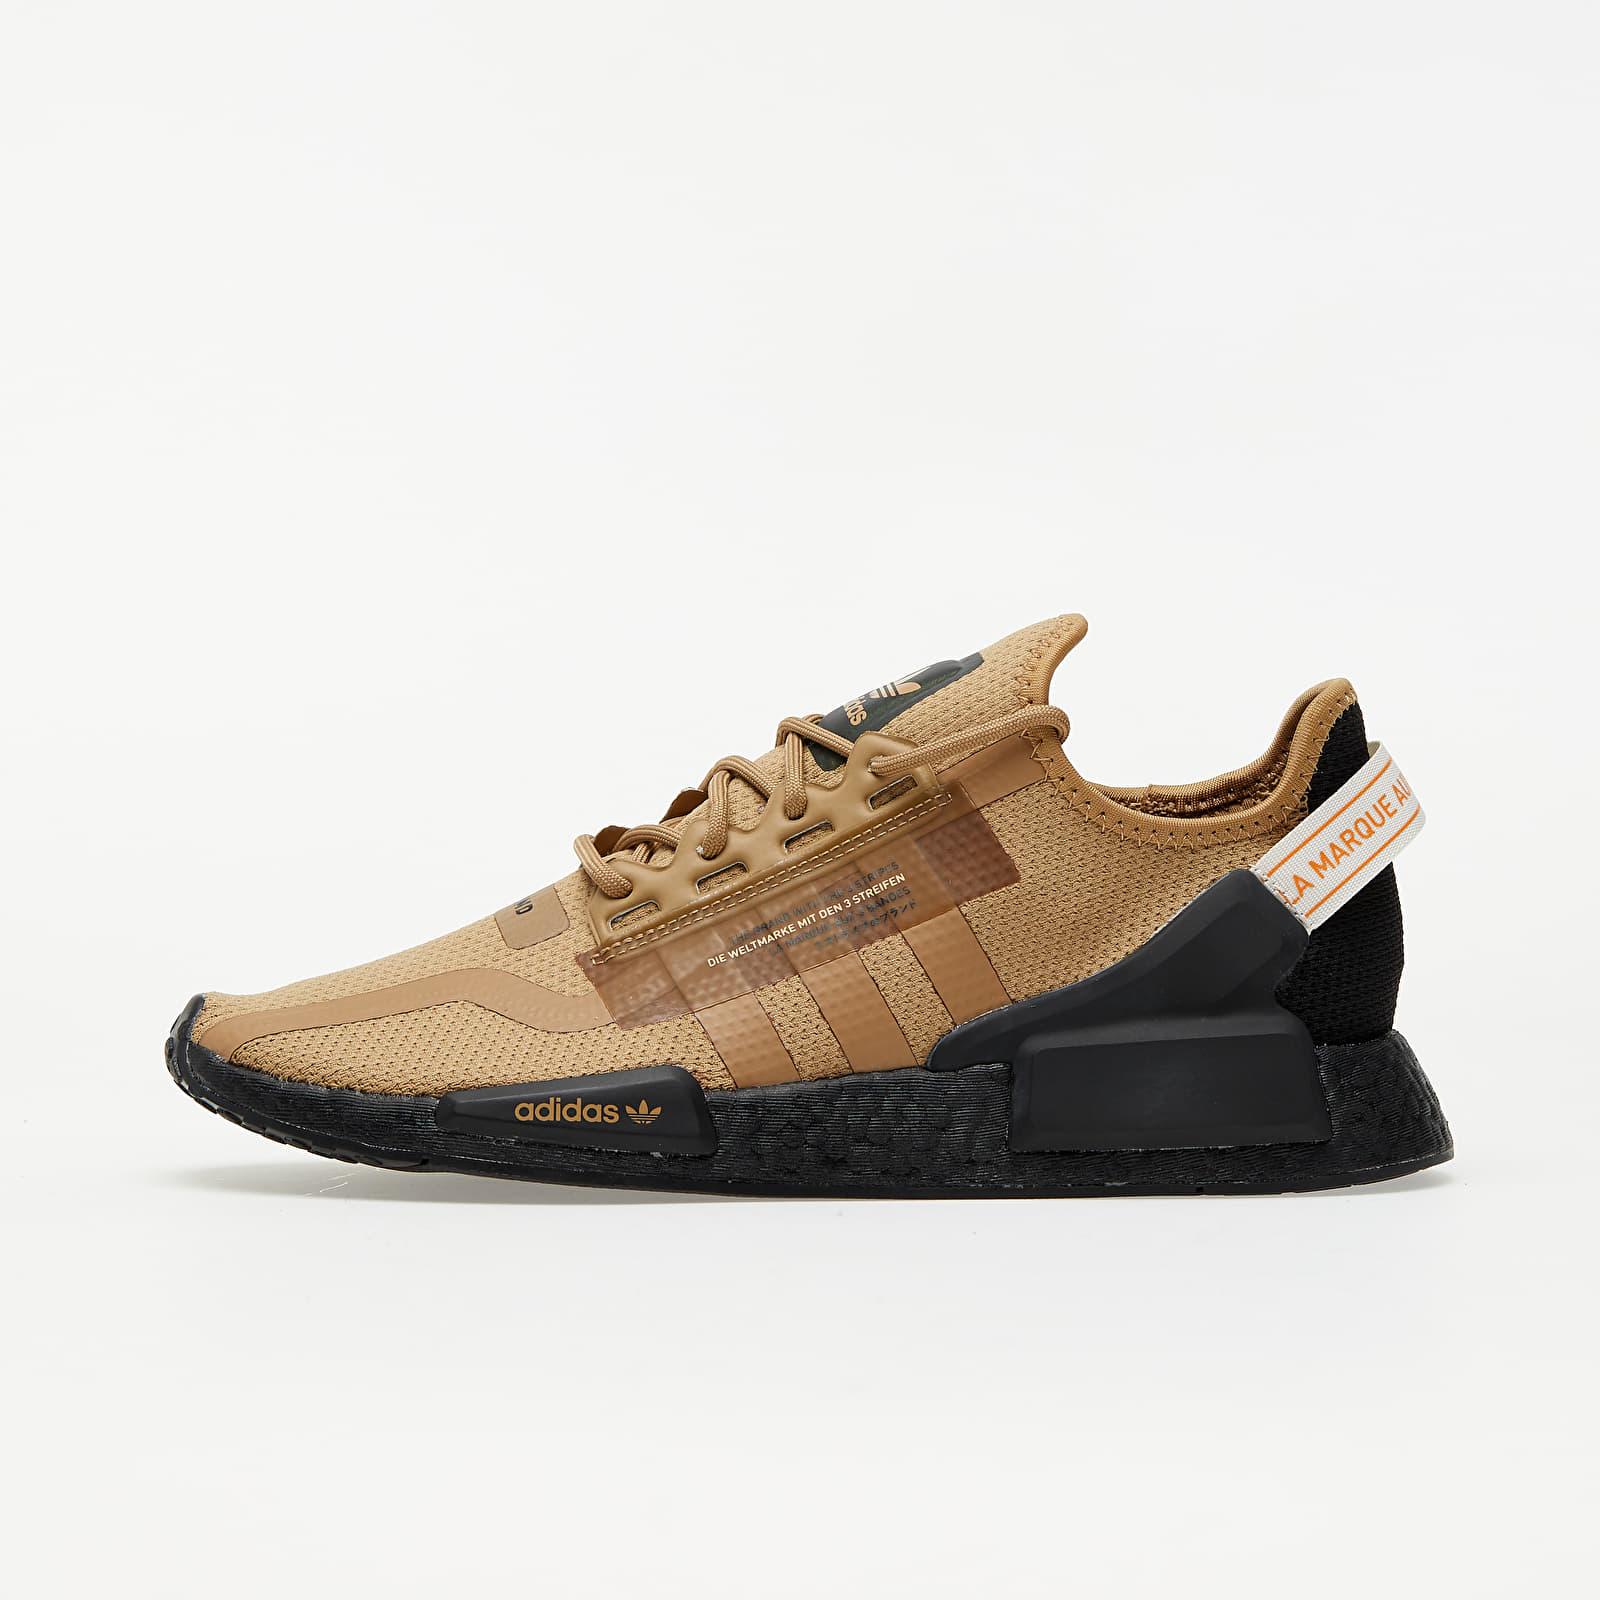 Pánske tenisky a topánky adidas NMD_R1.V2 Cardboard/ Cardboard/ Core Black